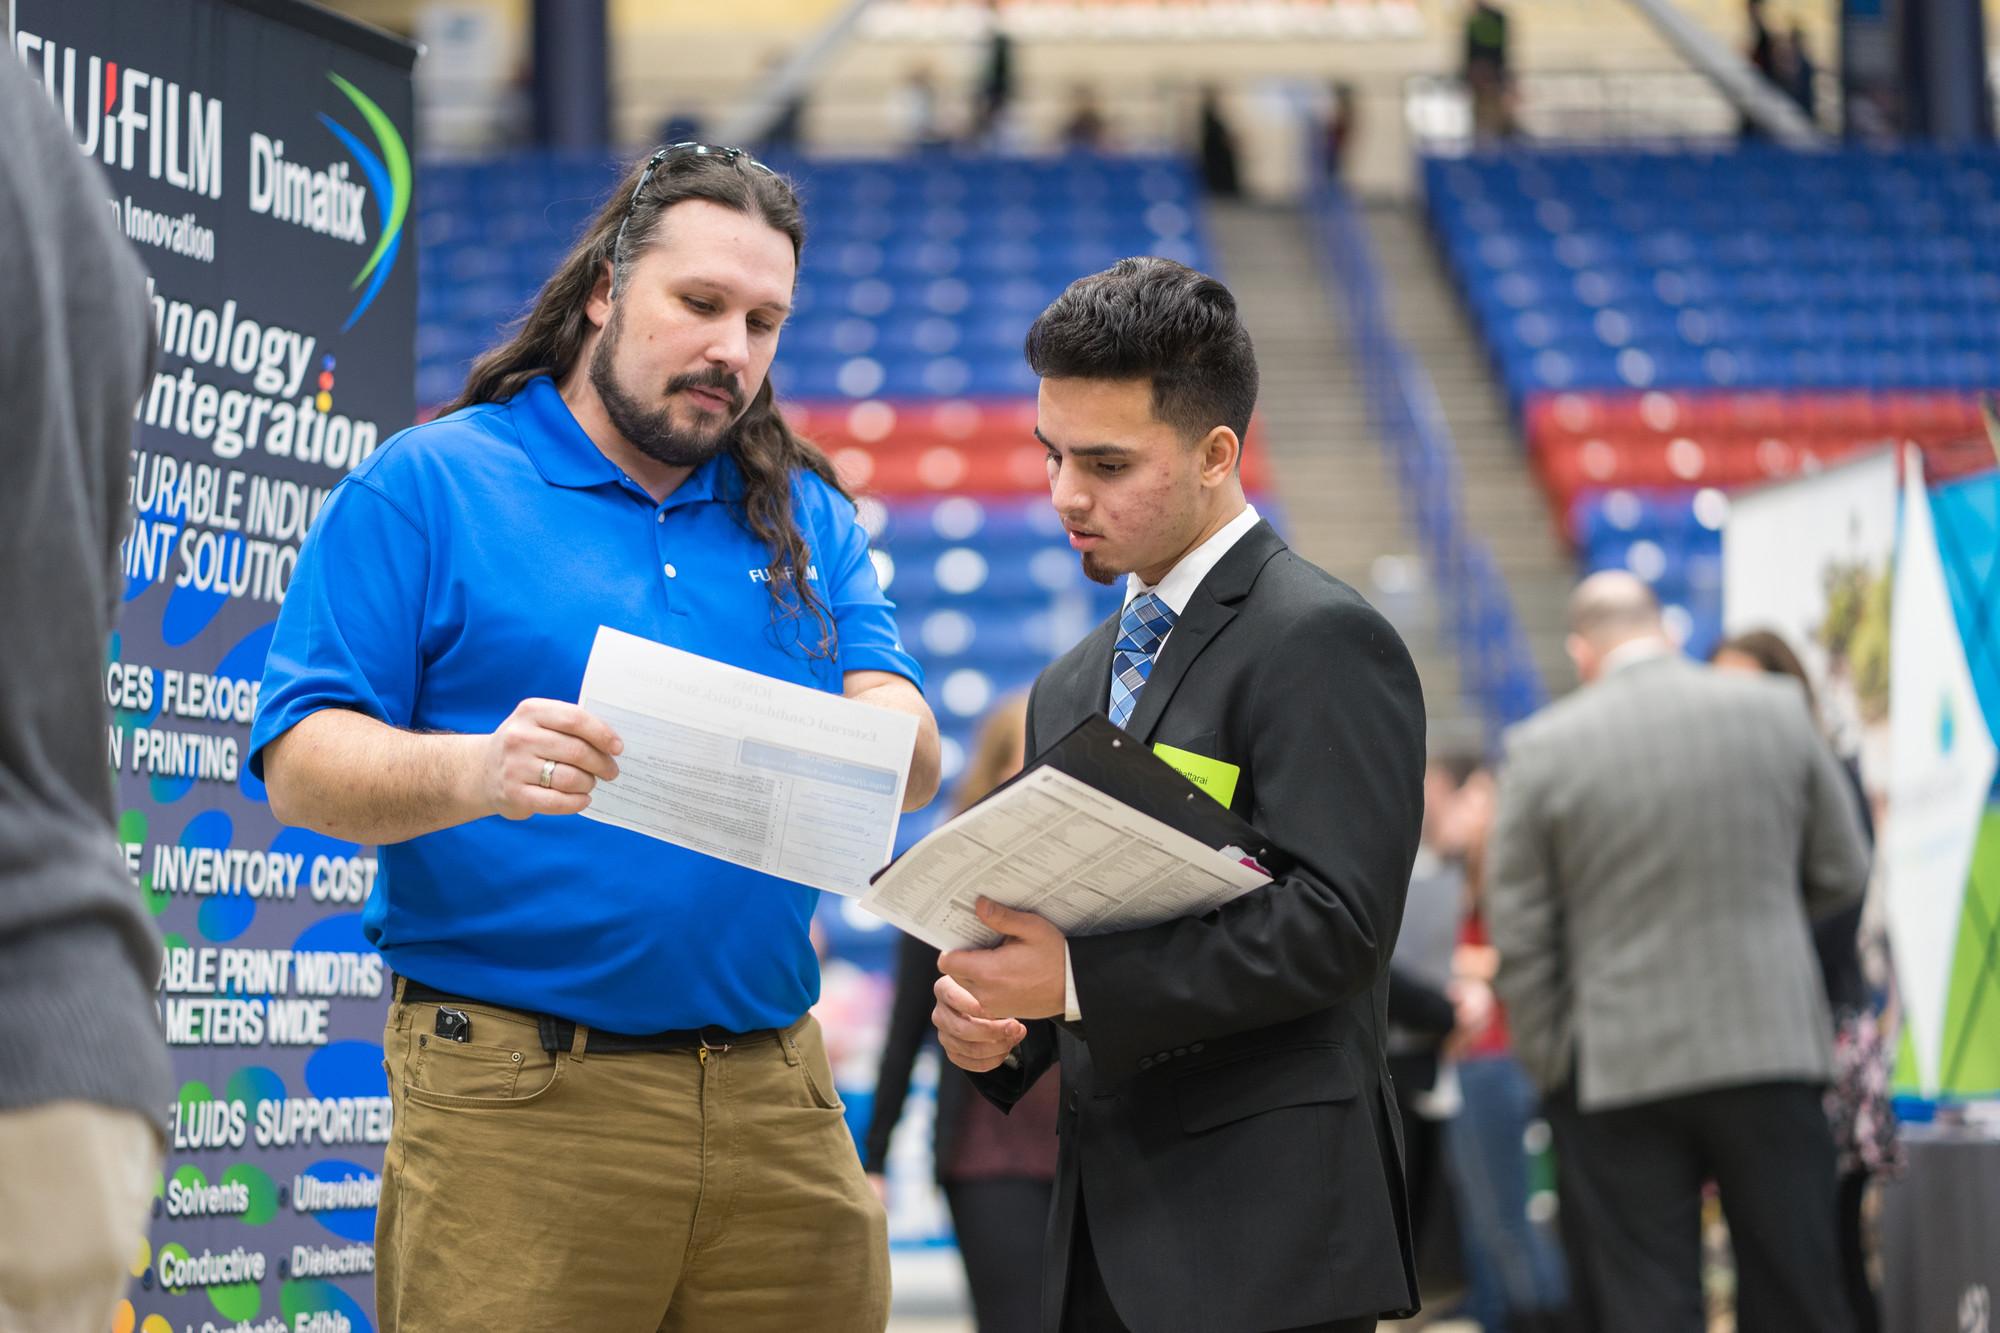 CEPS Student Career Fair